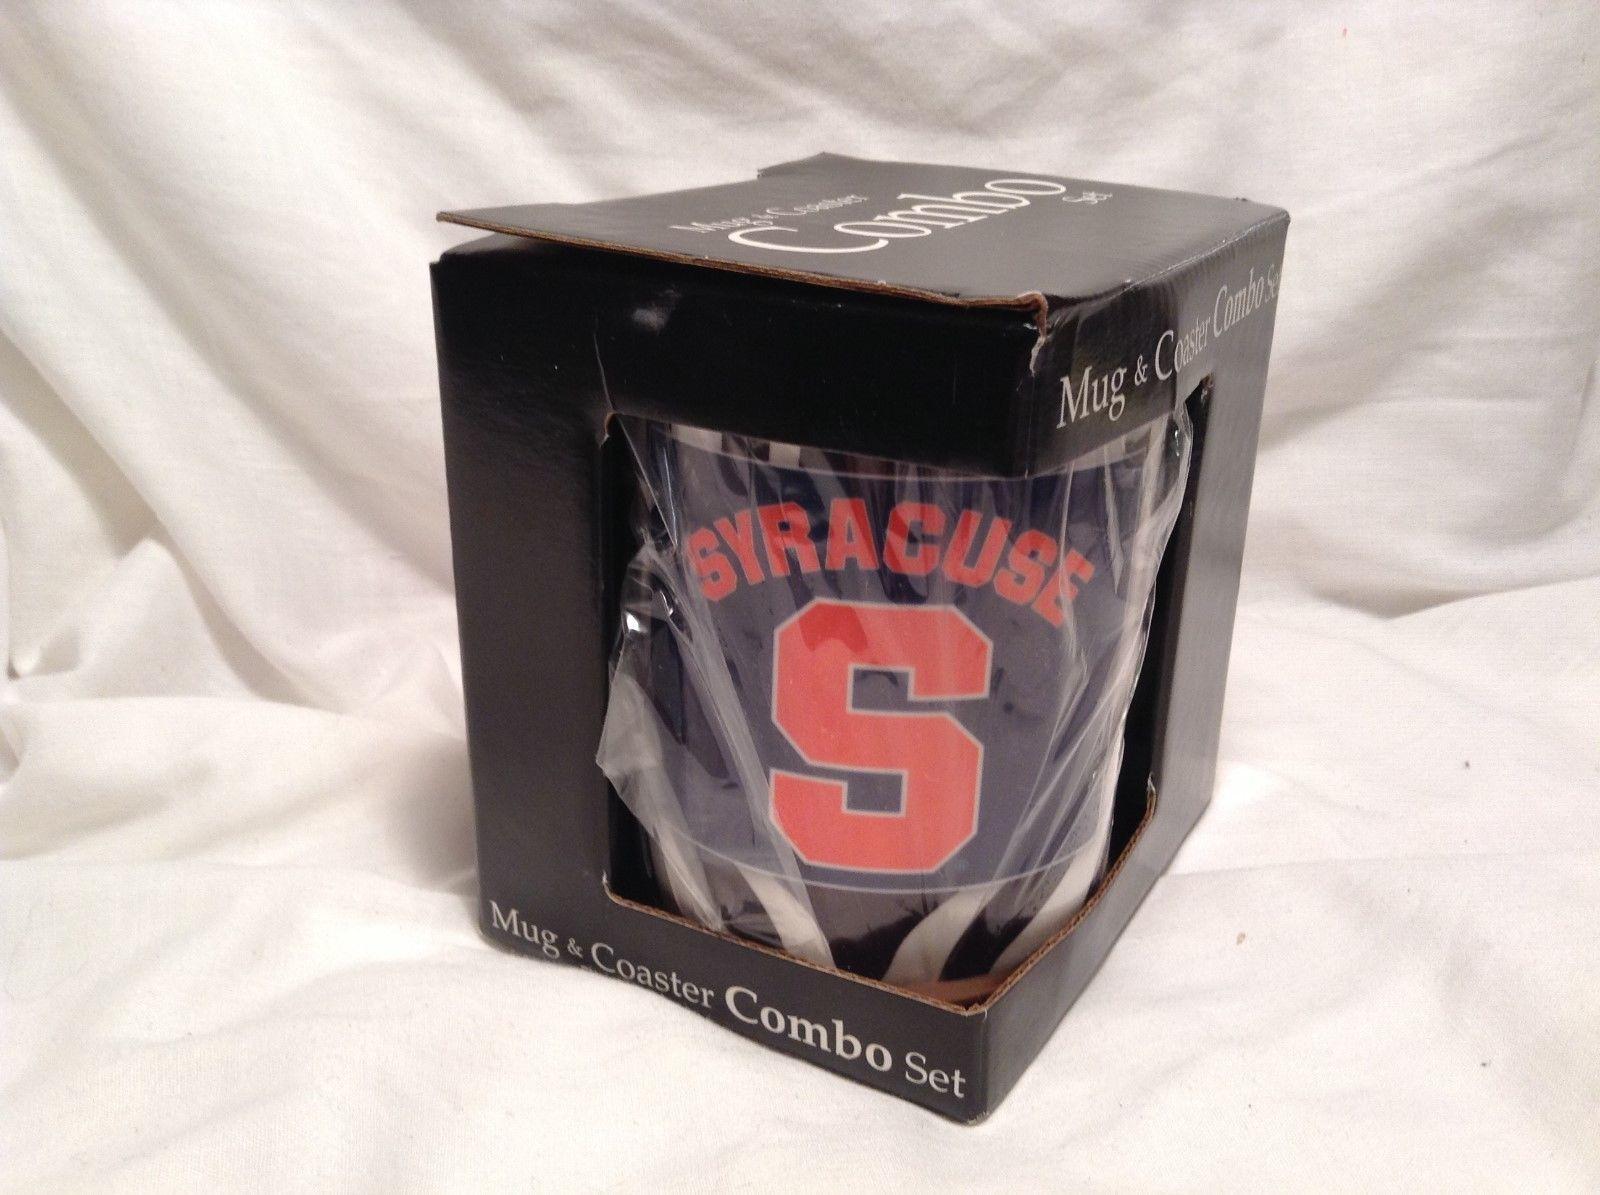 NEW Mug World 'Syracuse' 15oz Mug and Coaster Set